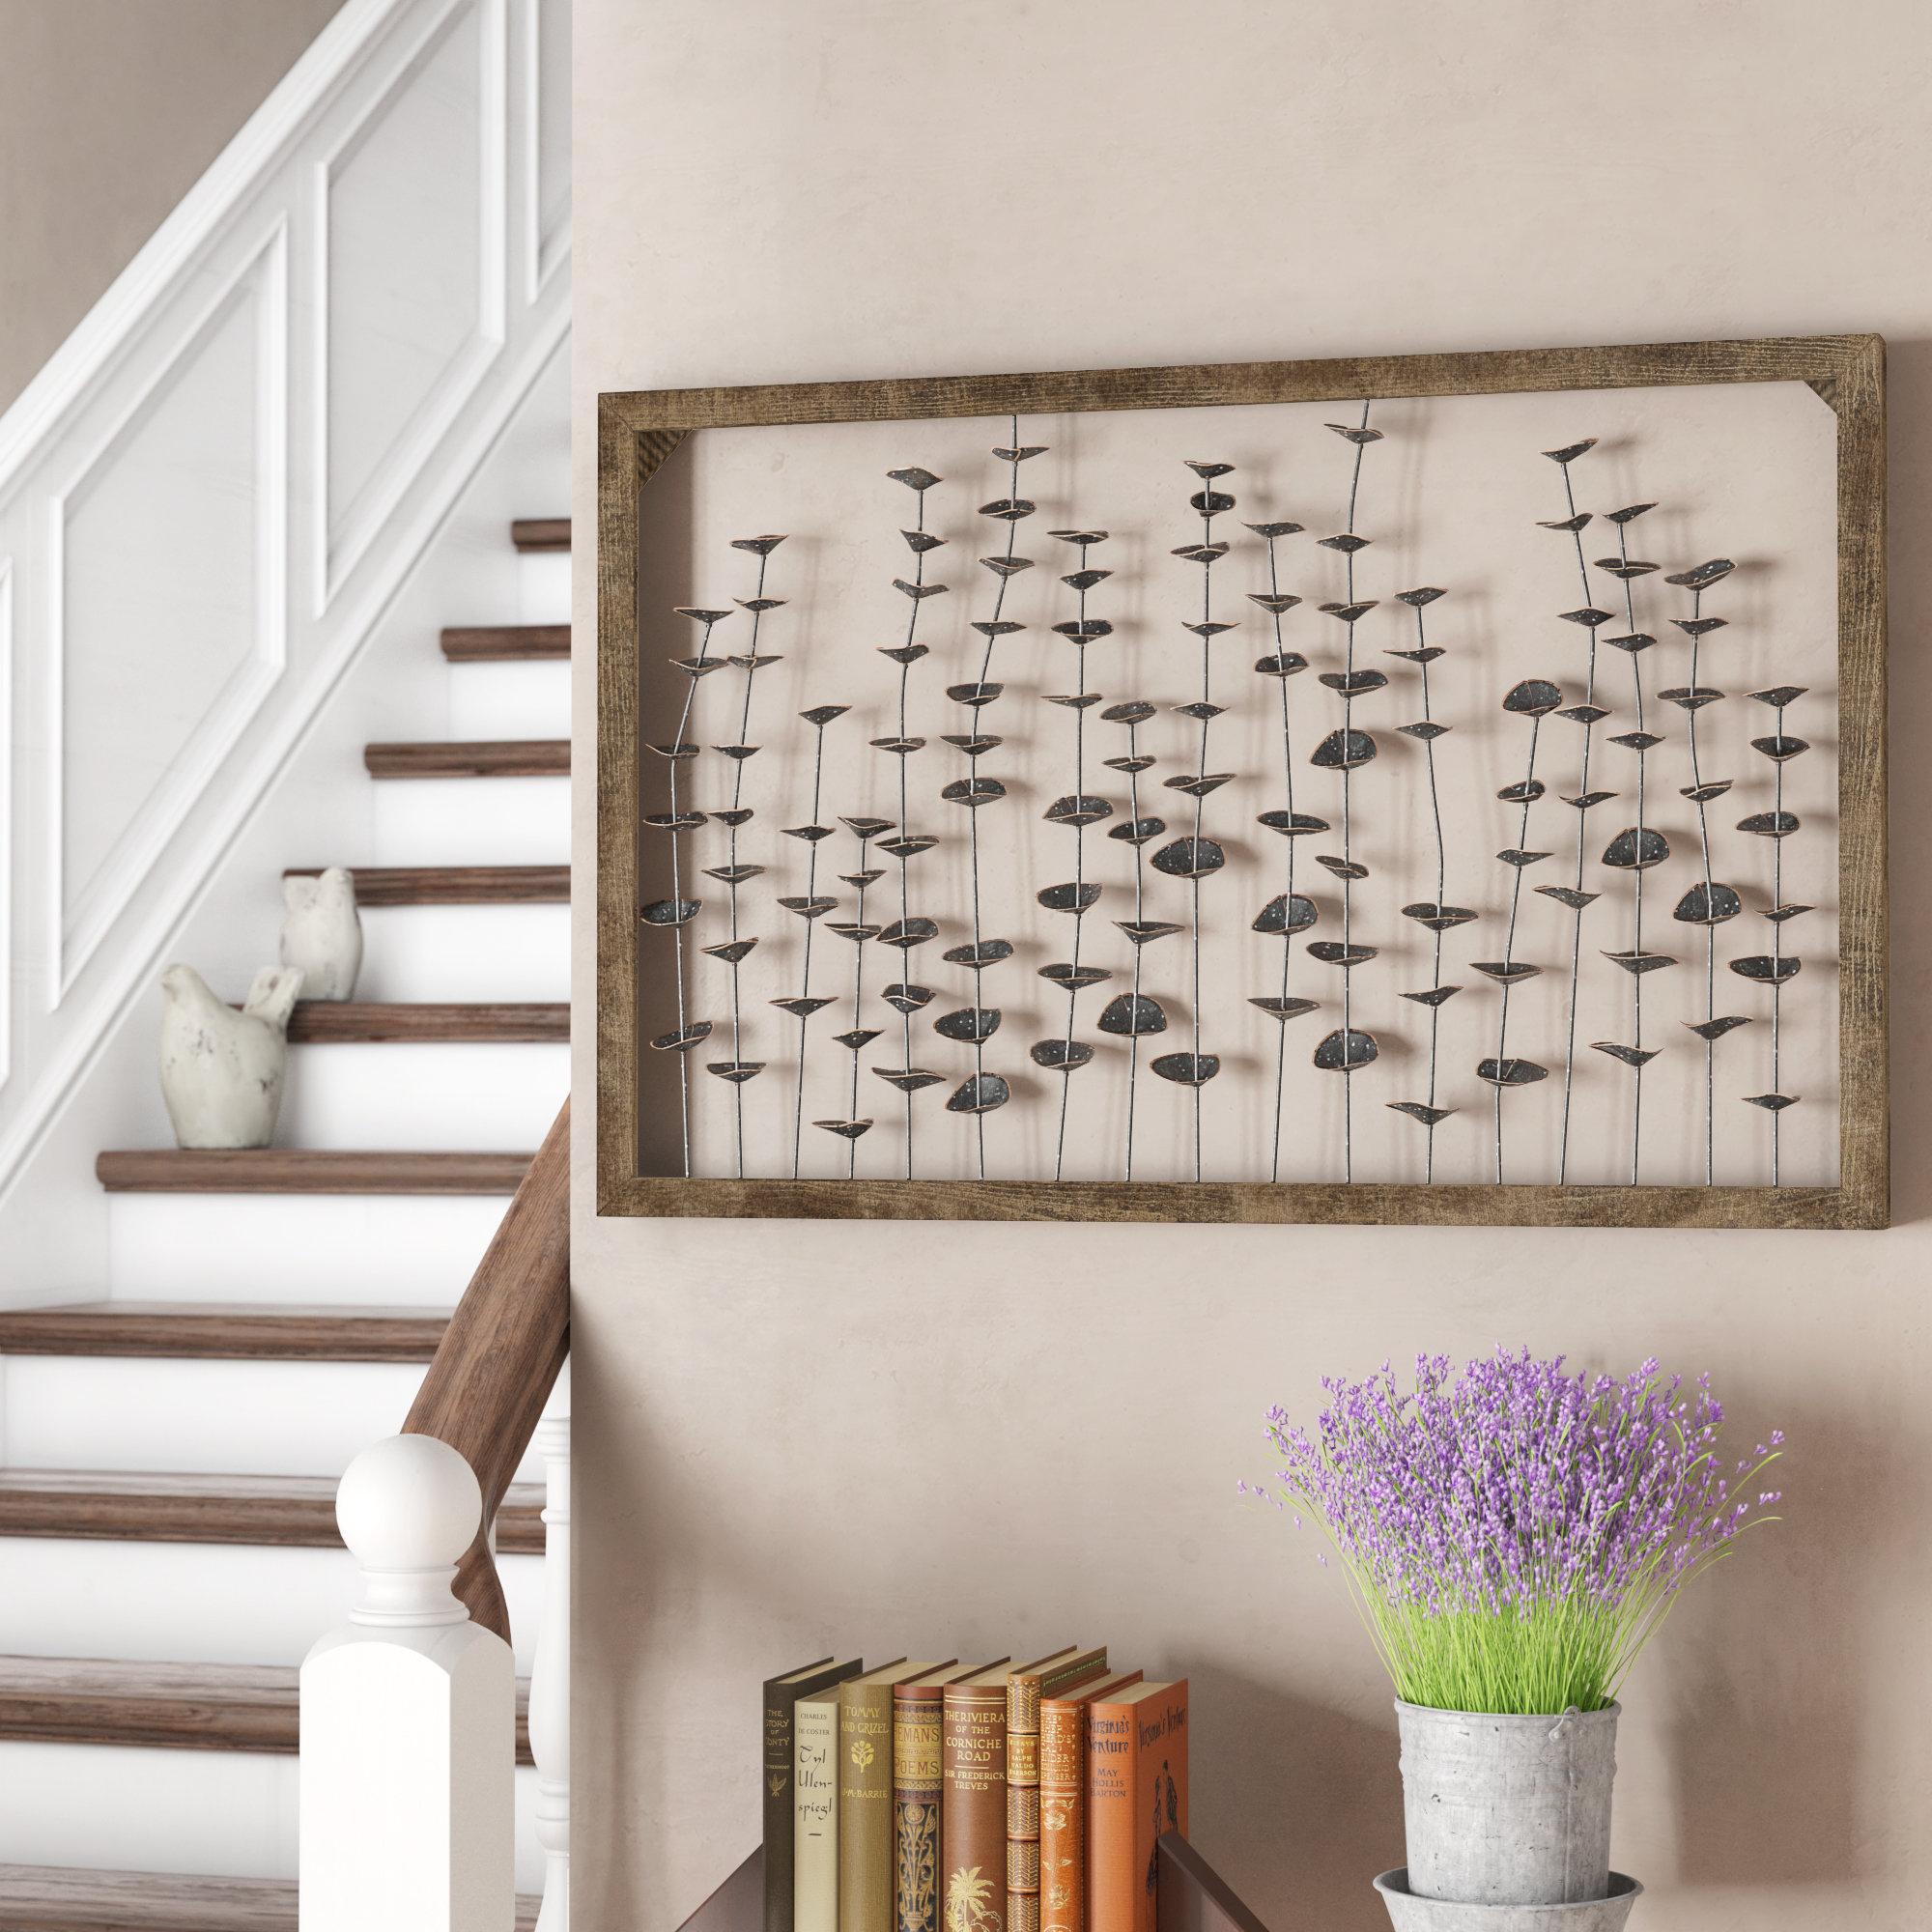 Metal Leaf Wall Decor | Wayfair with Desford Leaf Wall Decor (Image 24 of 30)